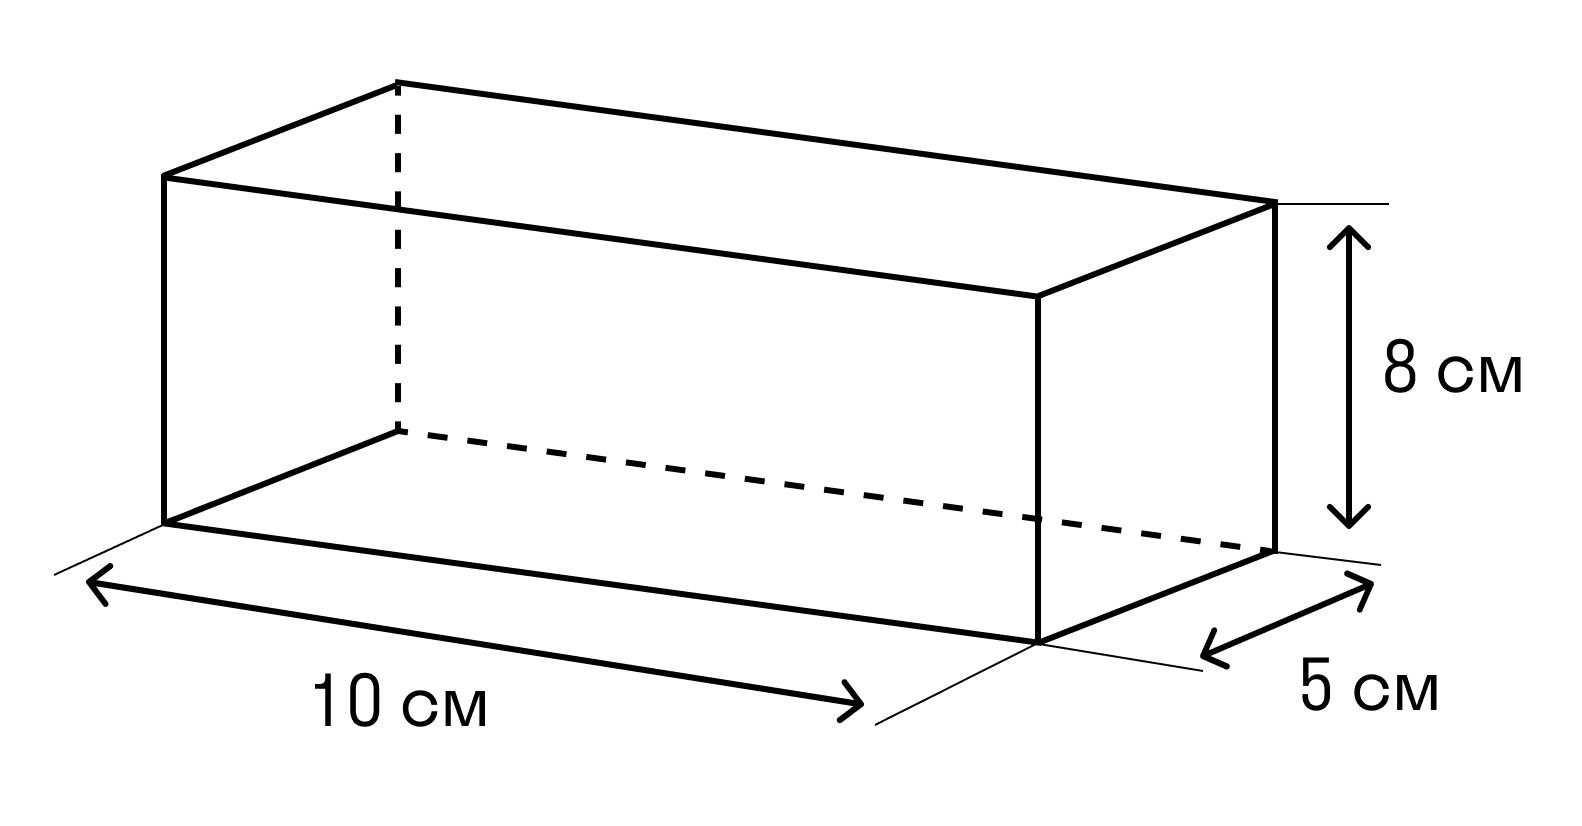 Задача на нахождение суммы длины всех ребер параллелепипеда и площадь его поверхности